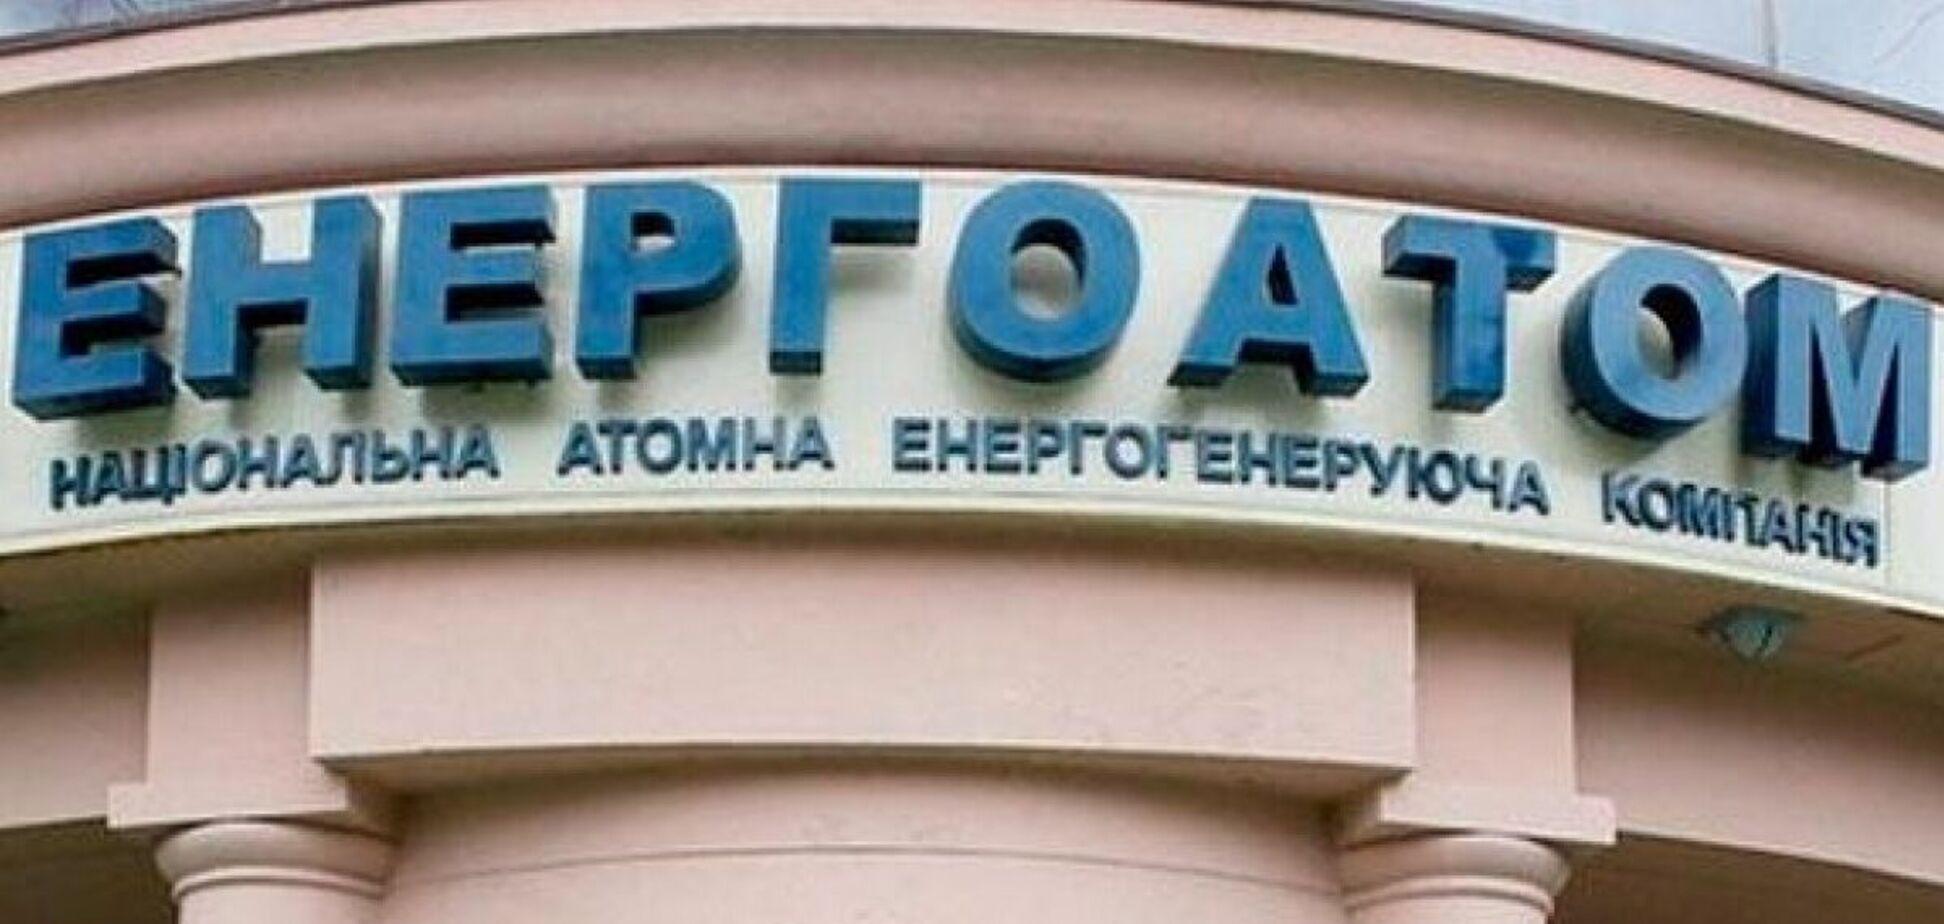 Выпуск гособлигаций для 'Энергоатома' обеспечит ремонт АЭС